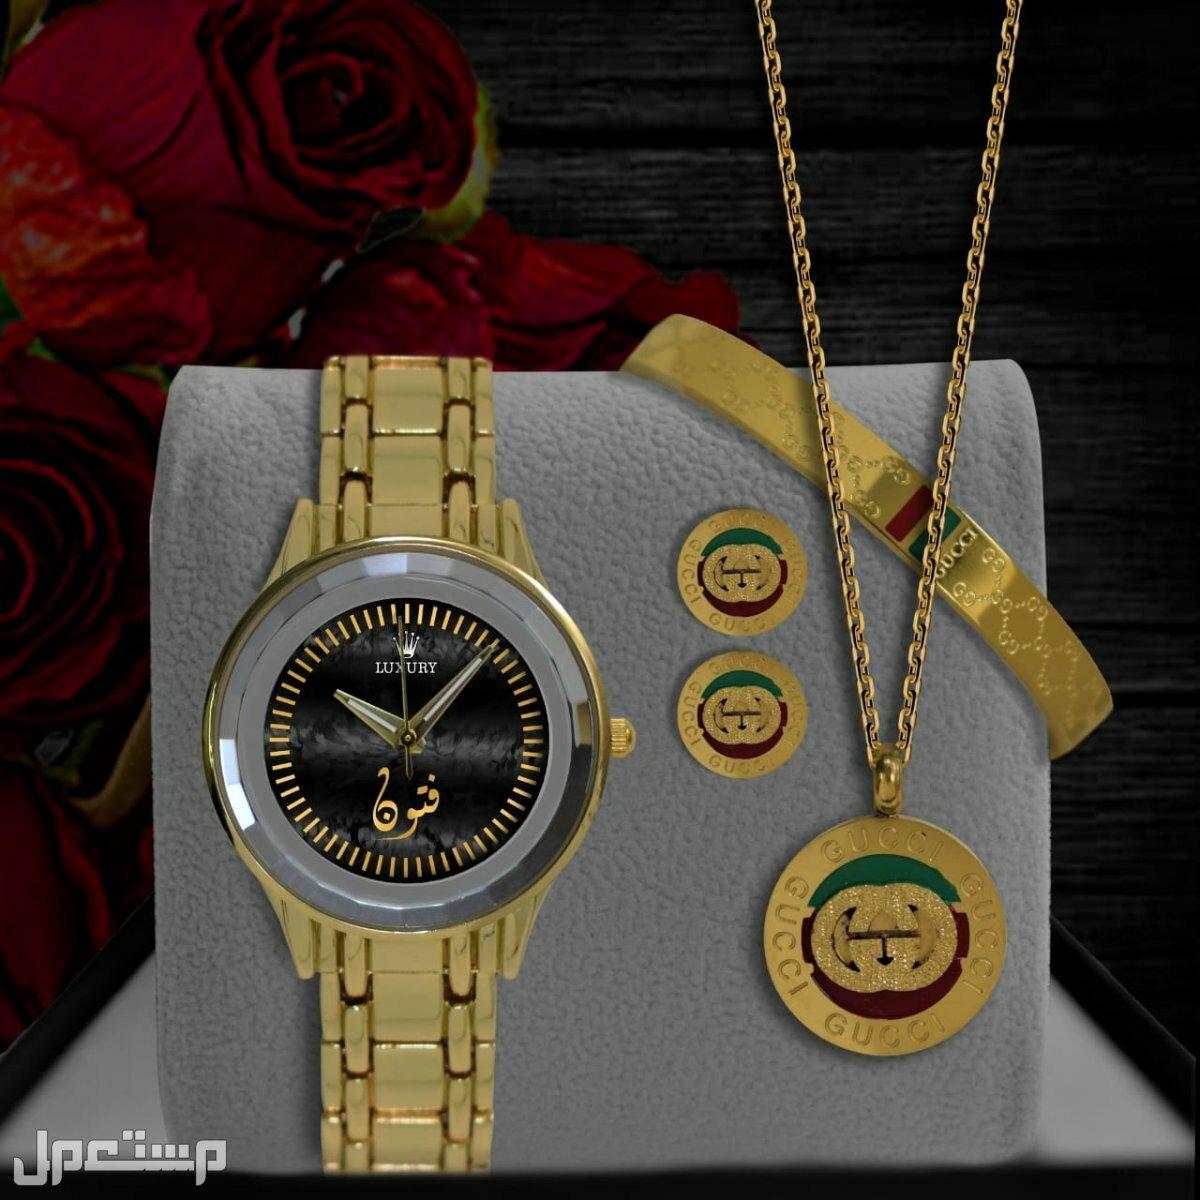 ساعة نسائي تصميم قوتشي مع طقم قوتشي بإسمك الخاص